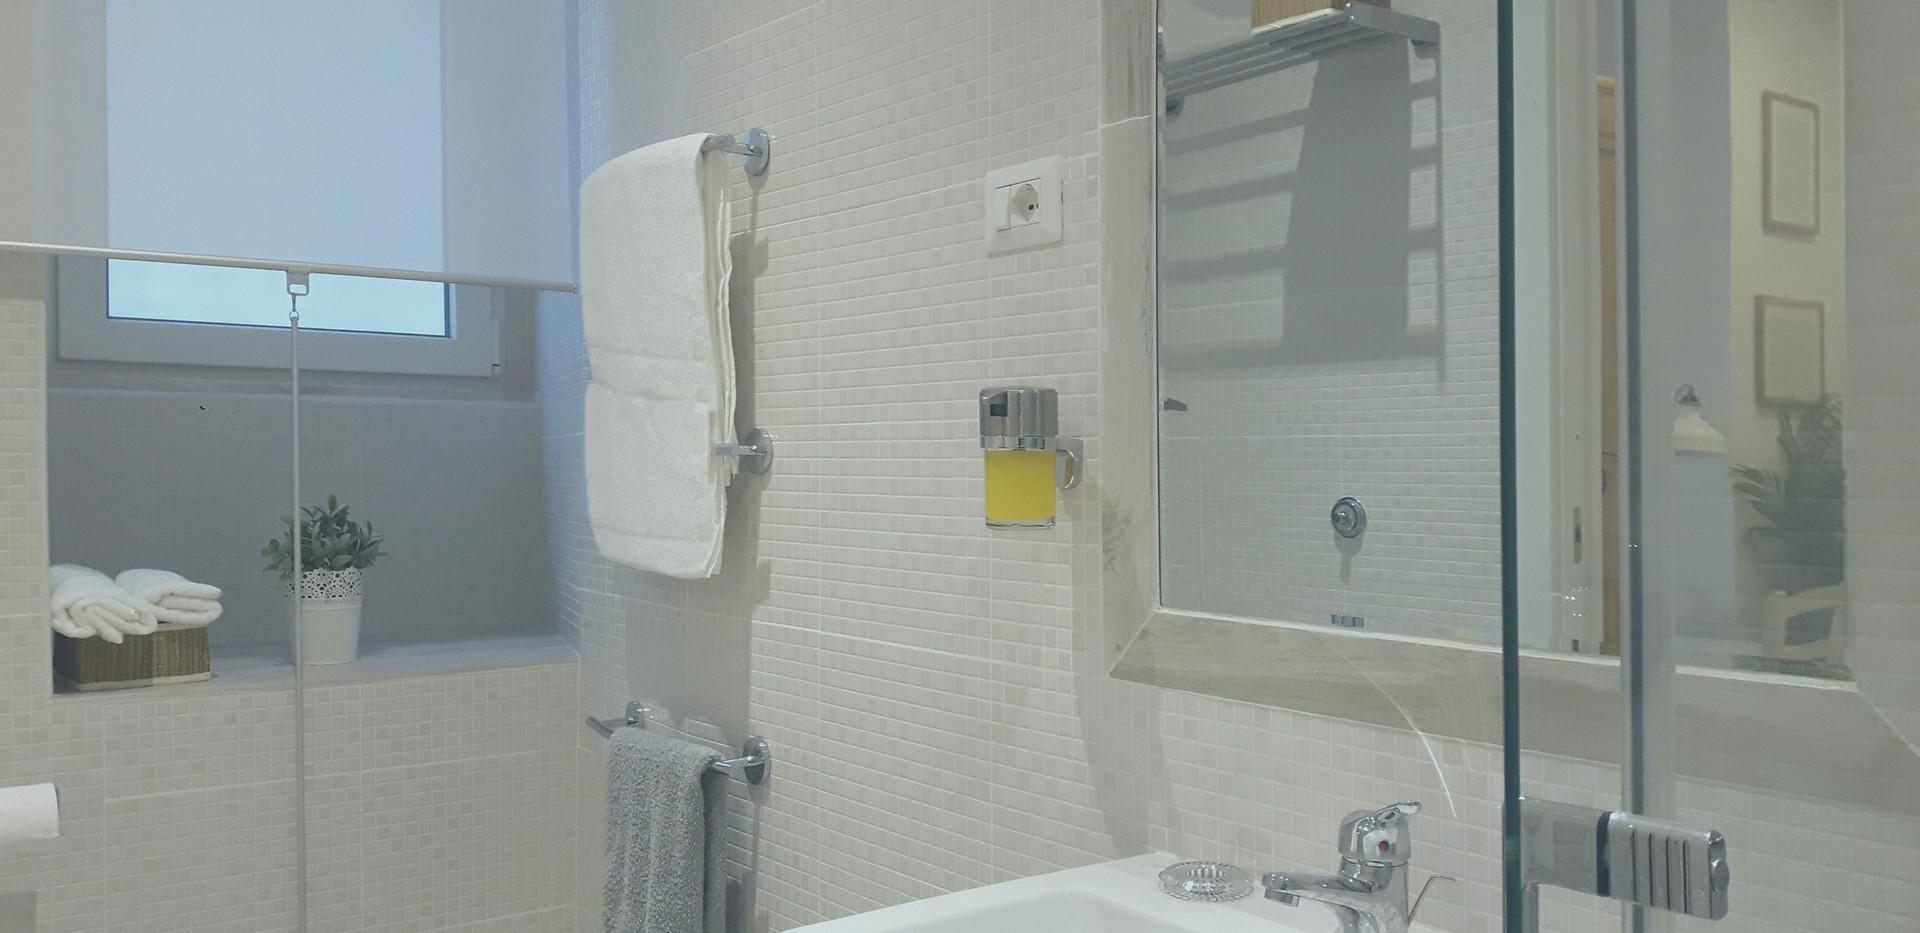 WC Room A